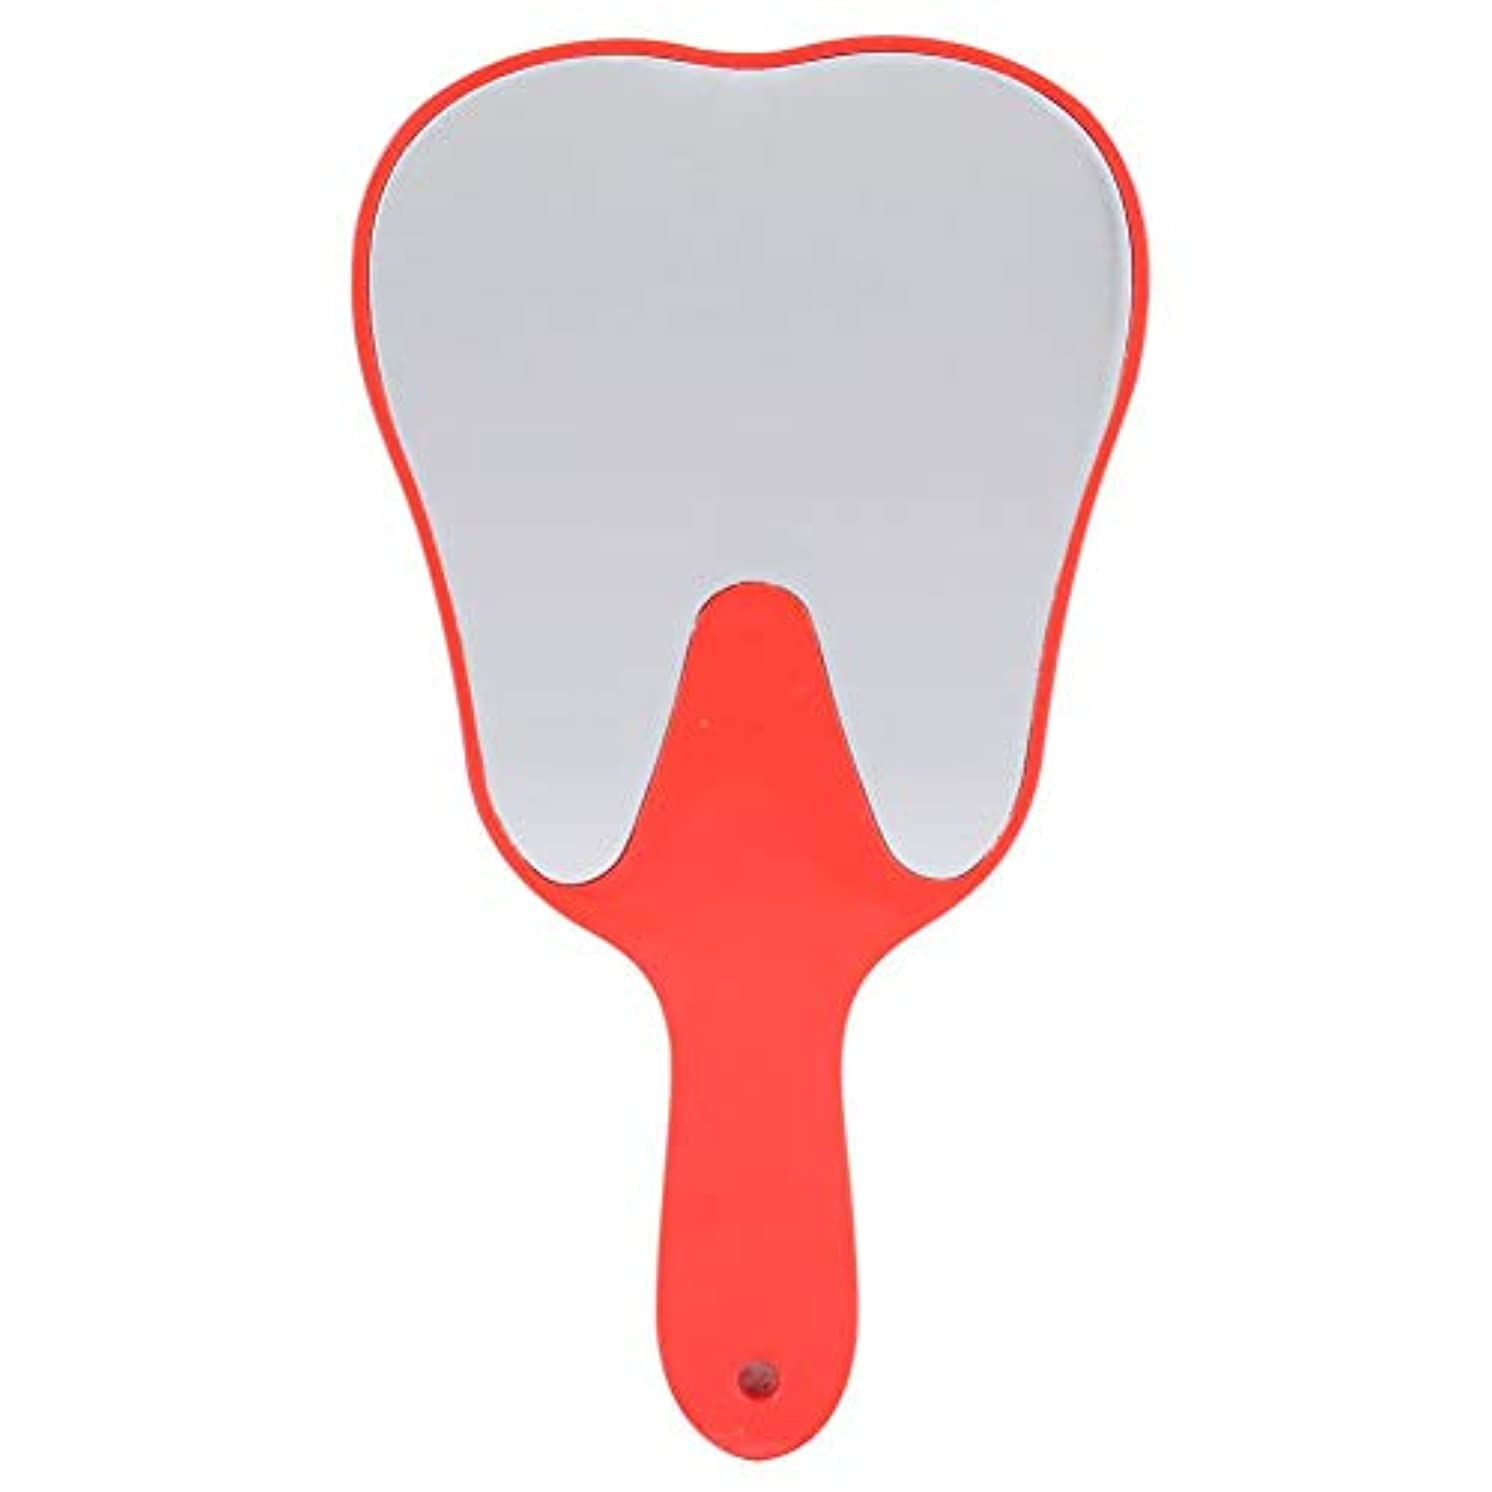 ゴルフメドレー草歯鏡 おしゃれな便利なかわいいプラスチックハンドル 歯科ケアハンドミラーツール (2#)